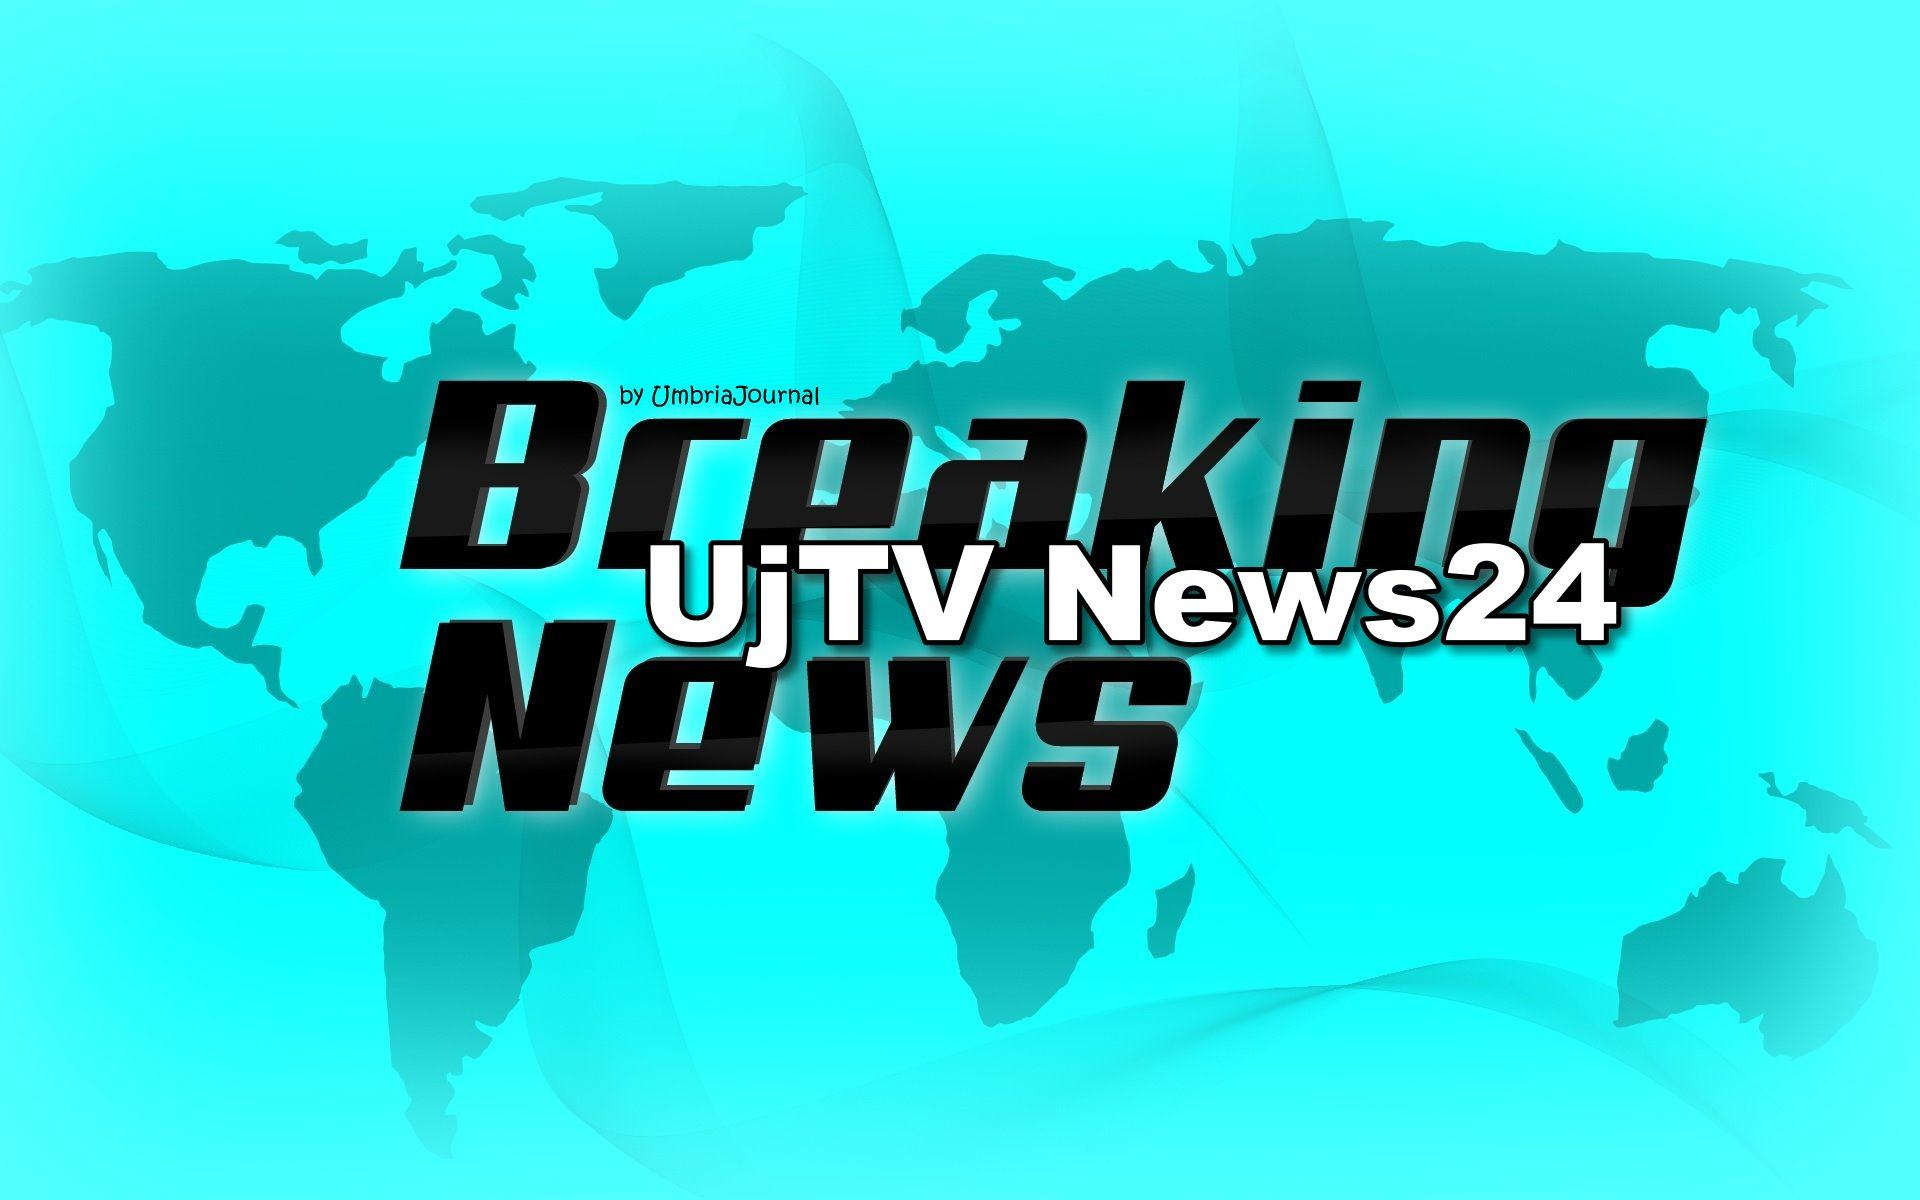 TG edizione della sera 20 luglio 2019 telegiornale dell'Umbria UjTV News24 LIVE